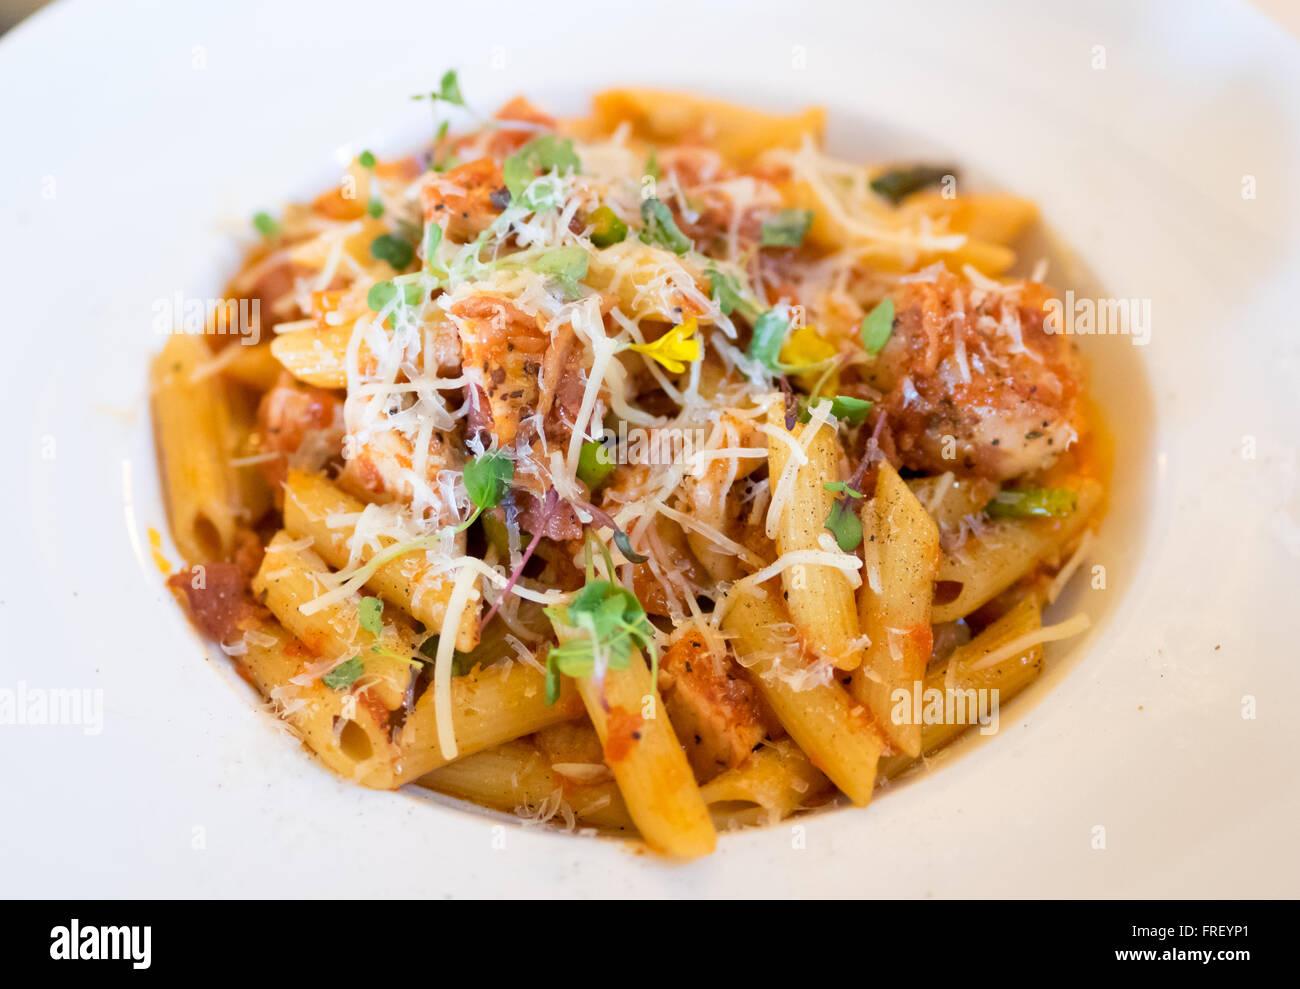 Una piastra di penne pollo (pollo) la pasta in un pomodoro e salsa di peperoni con il Parmigiano Reggiano, il cinghiale, Immagini Stock